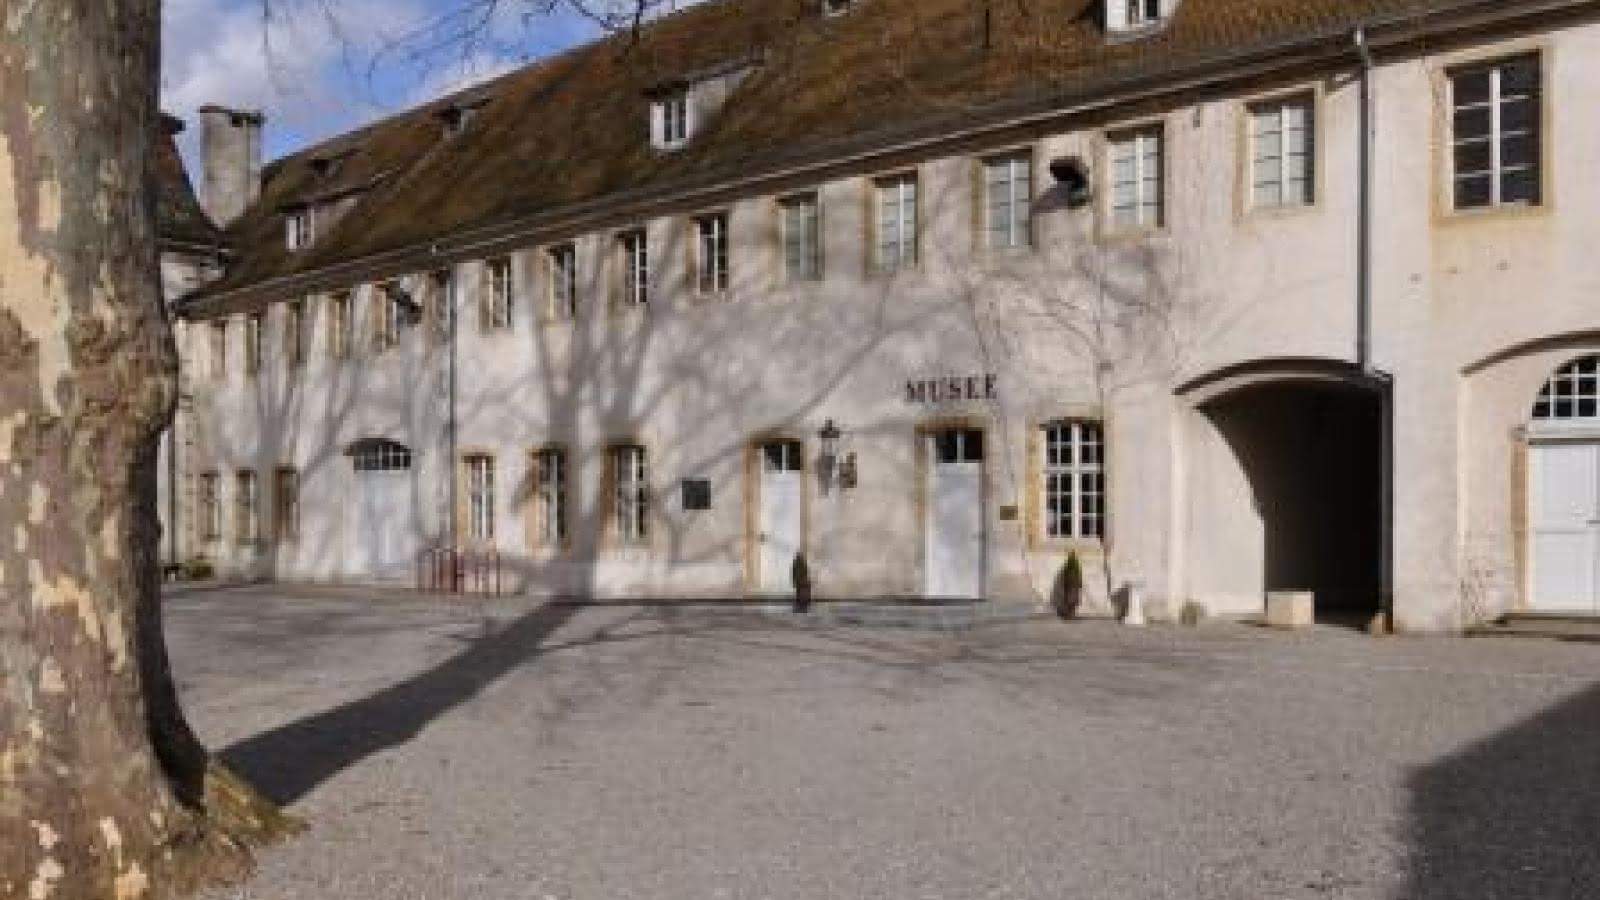 Musee Du Papier Peint Rixheim Visit Alsace